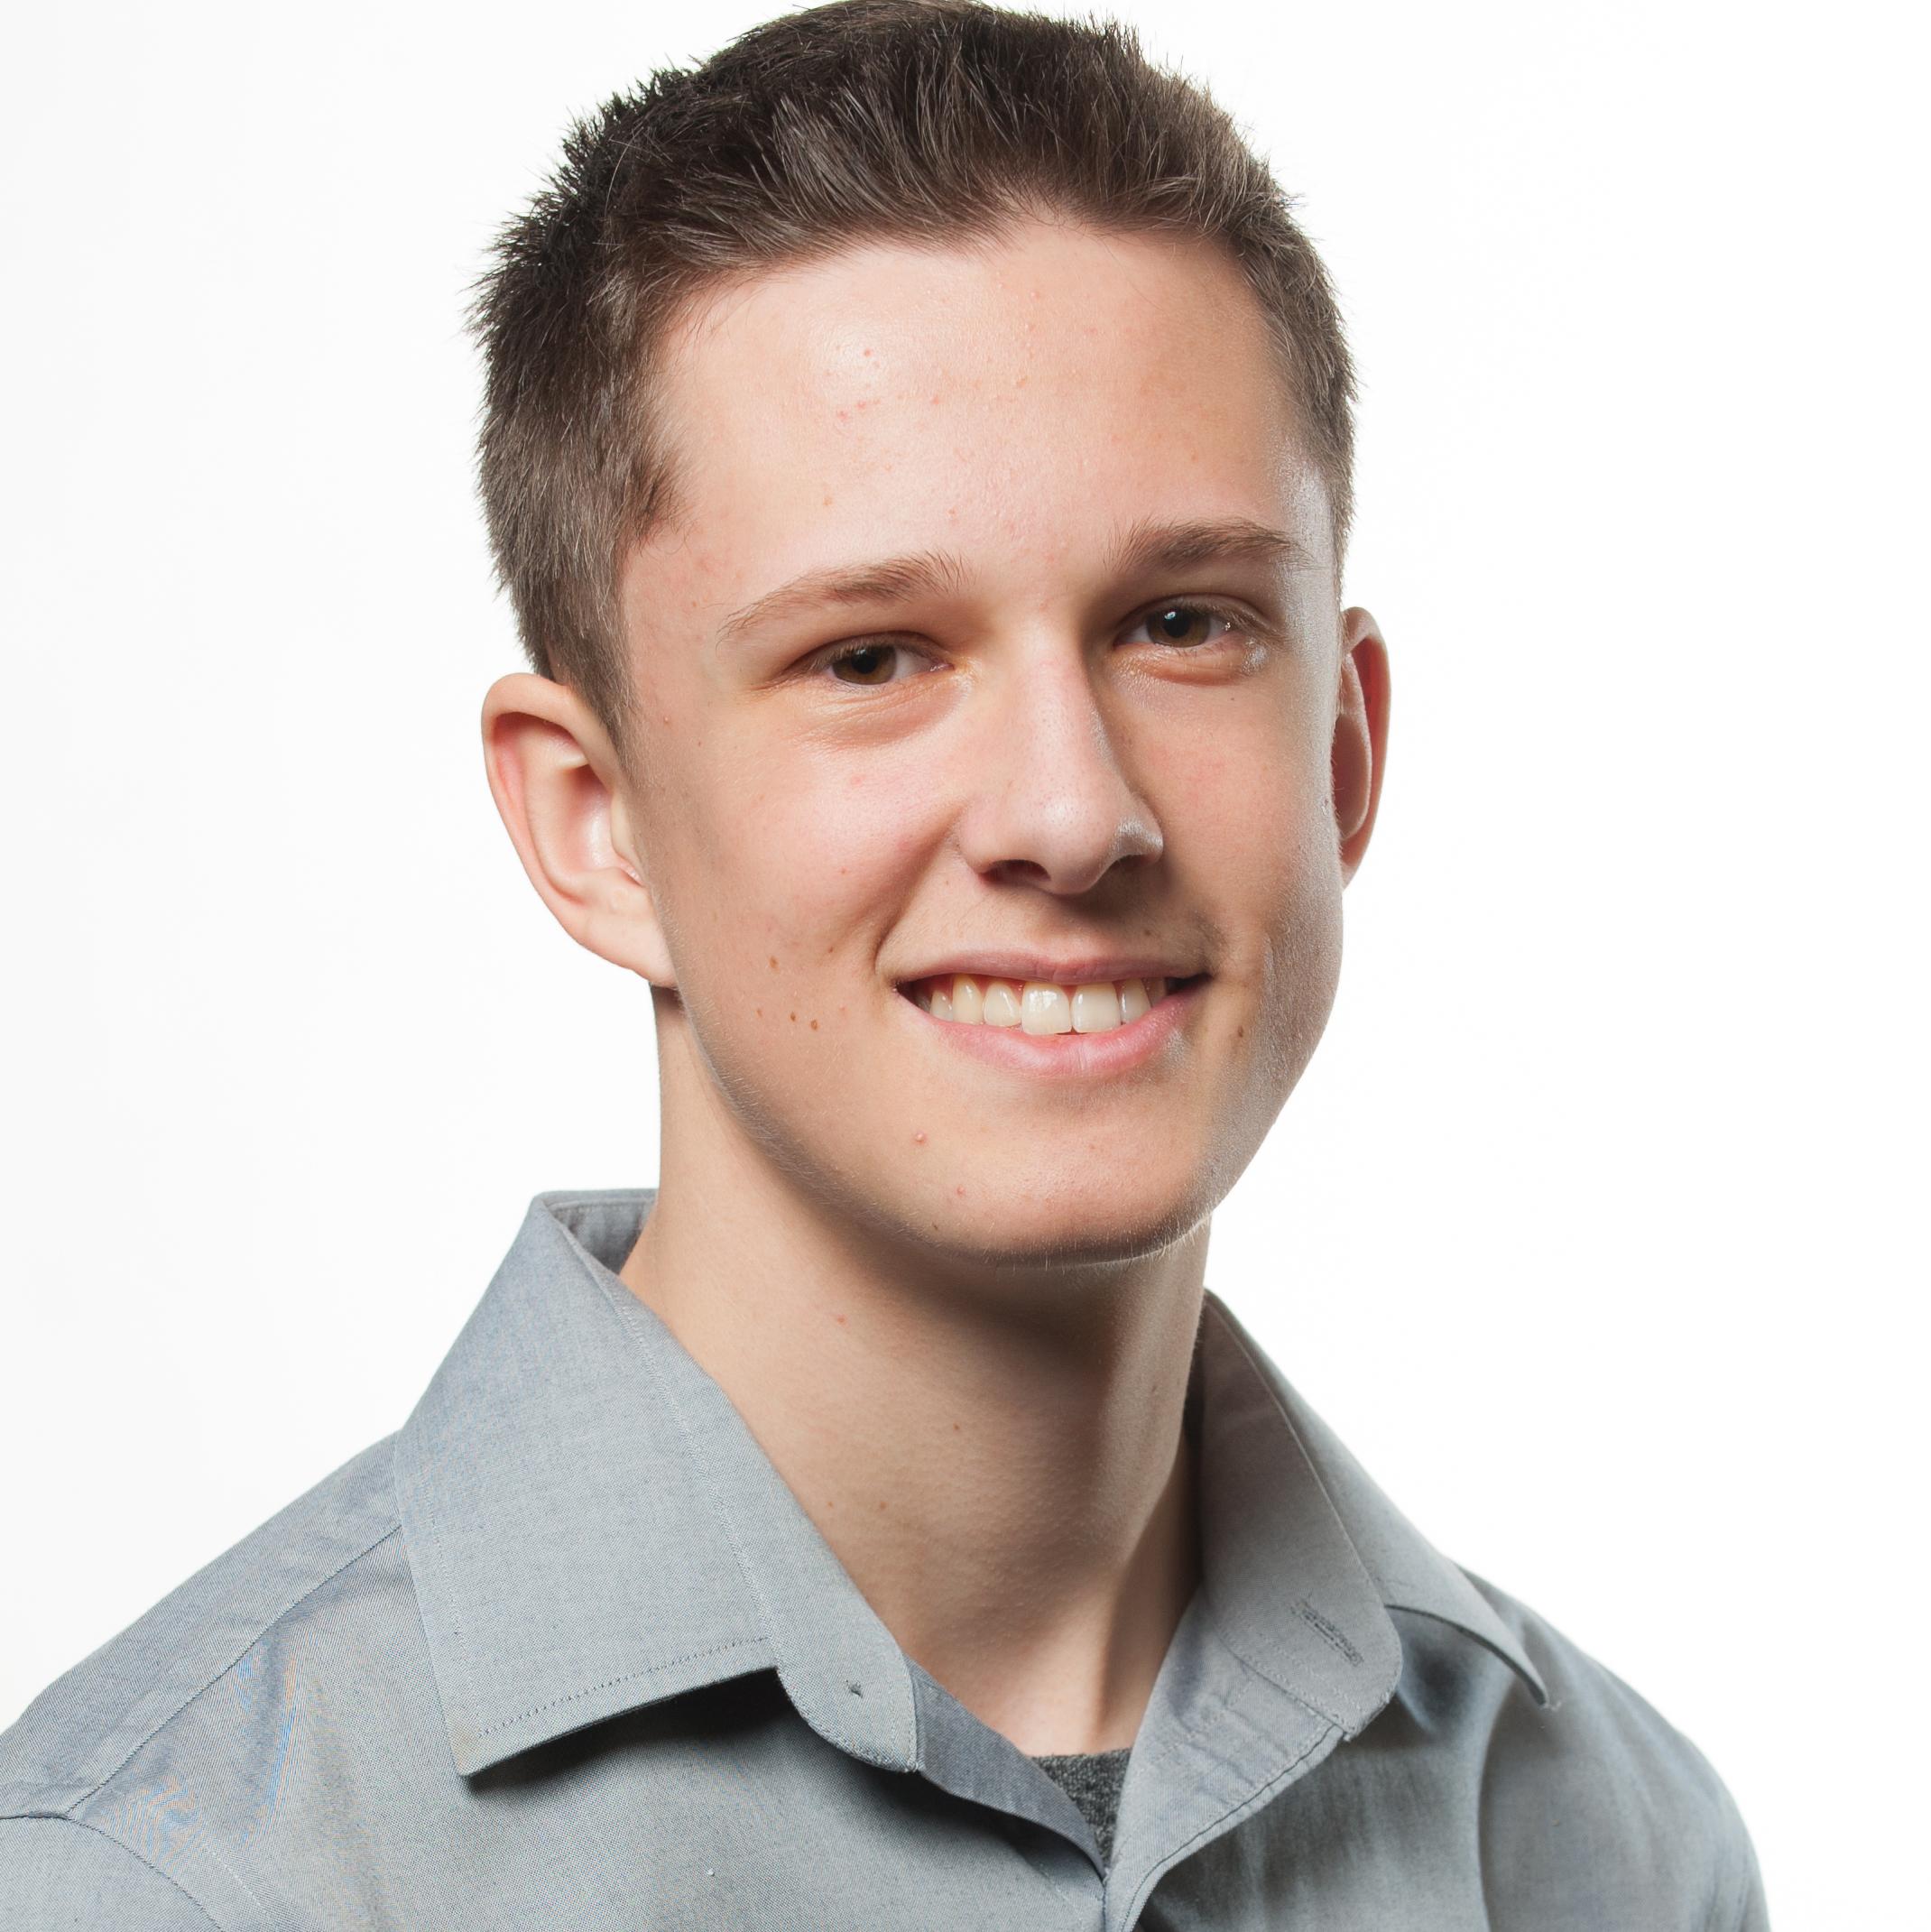 Josh Lacelle